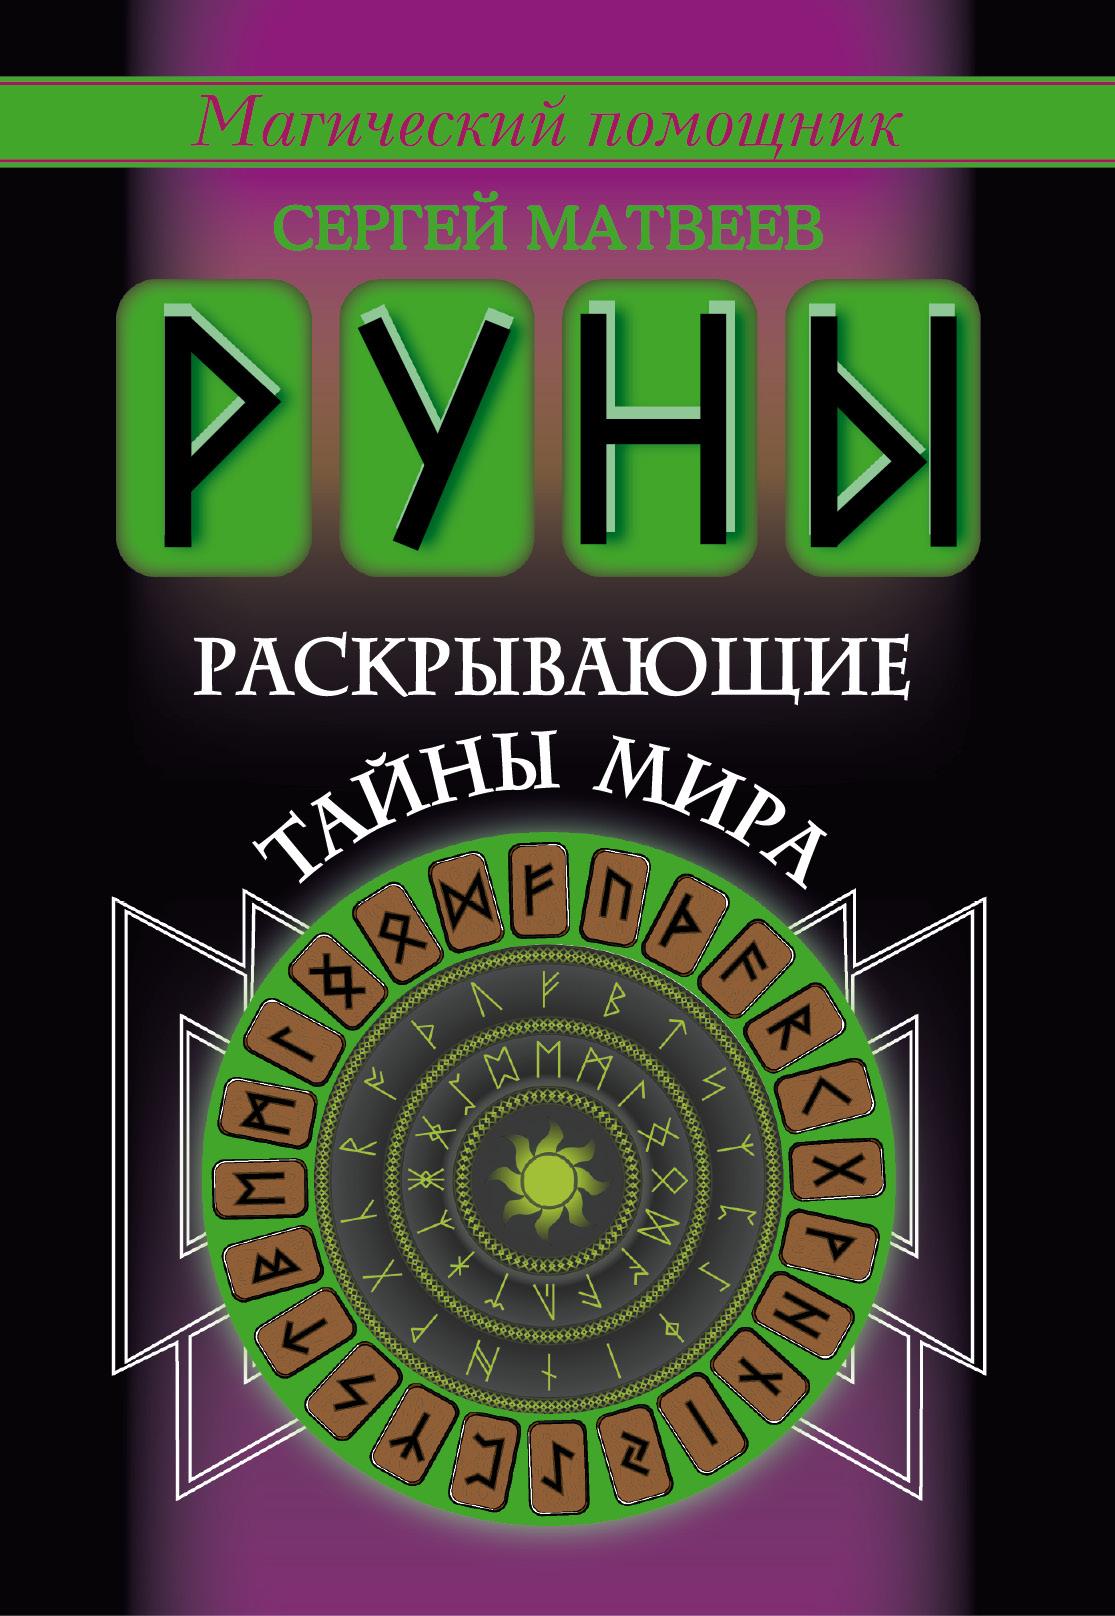 Матвеев С.А. Руны, раскрывающие тайны мира